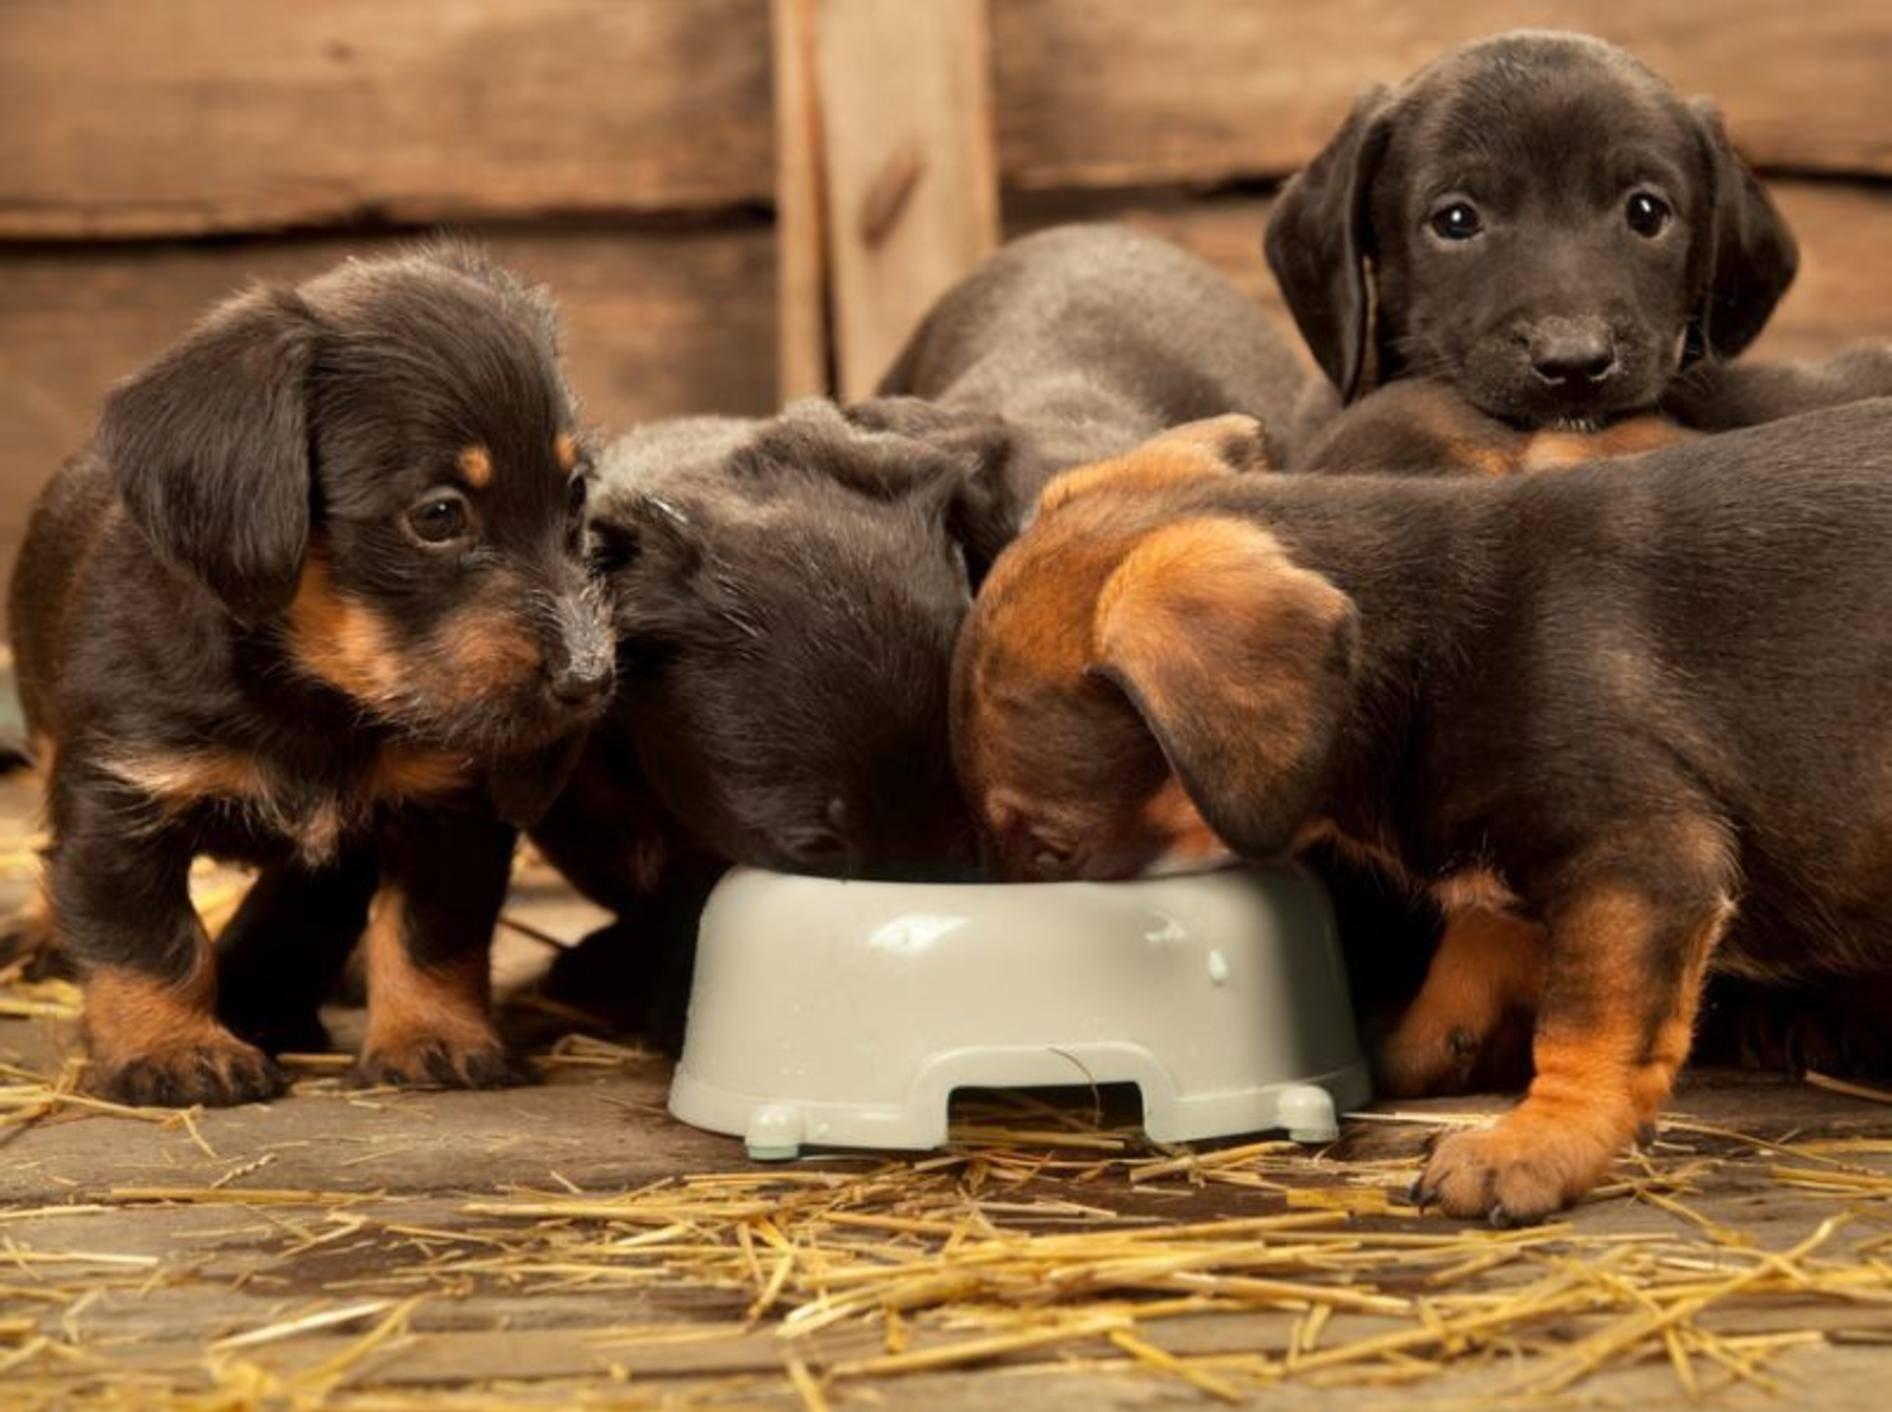 Woran erkennt man das richtige Futter für Welpen? — Bild: Shutterstock / Wallenrock